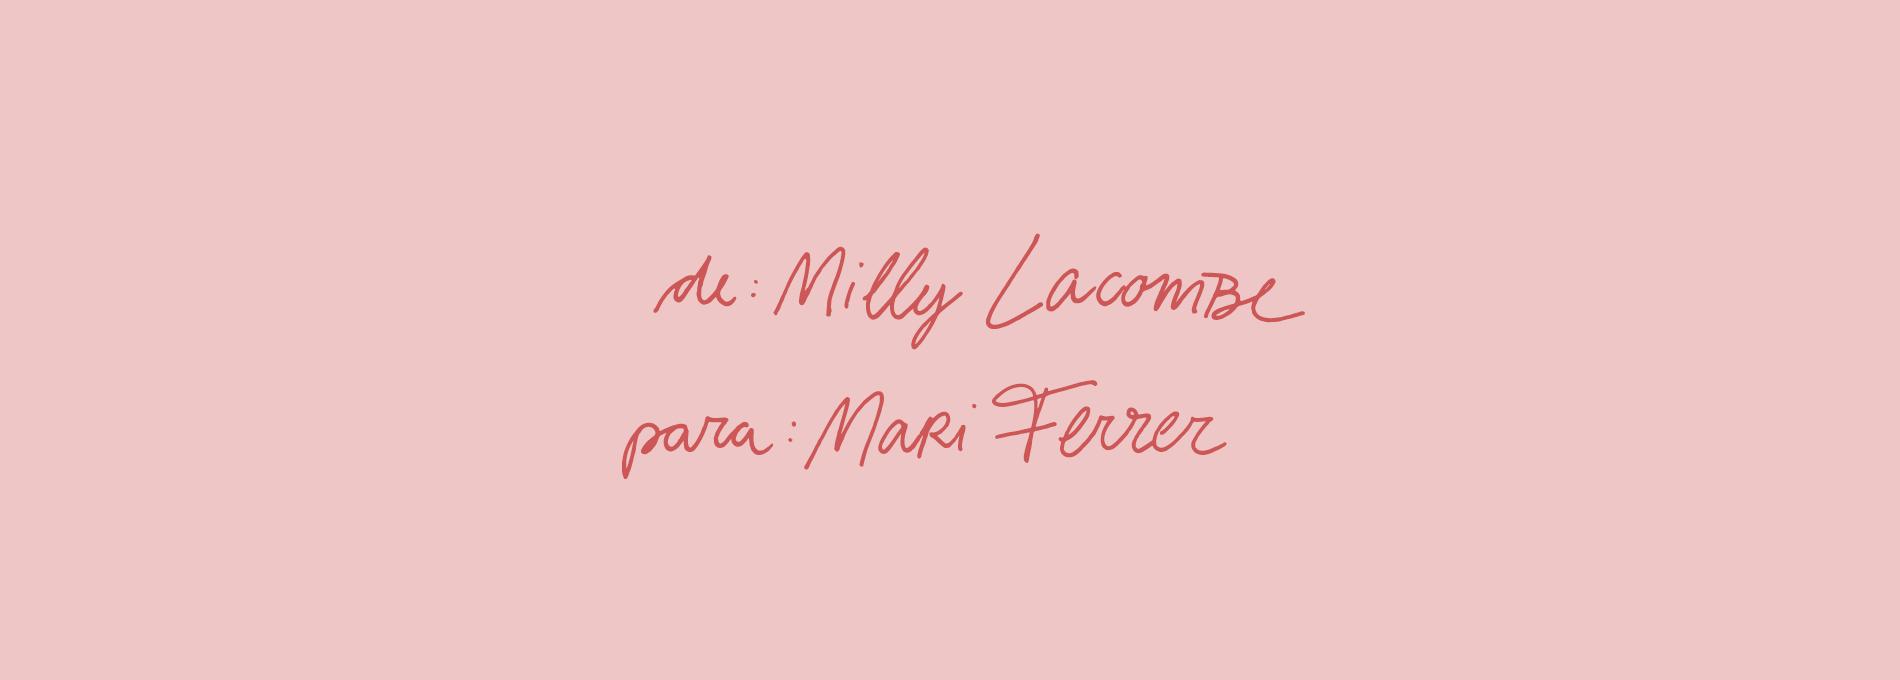 Para Mariana Ferrer